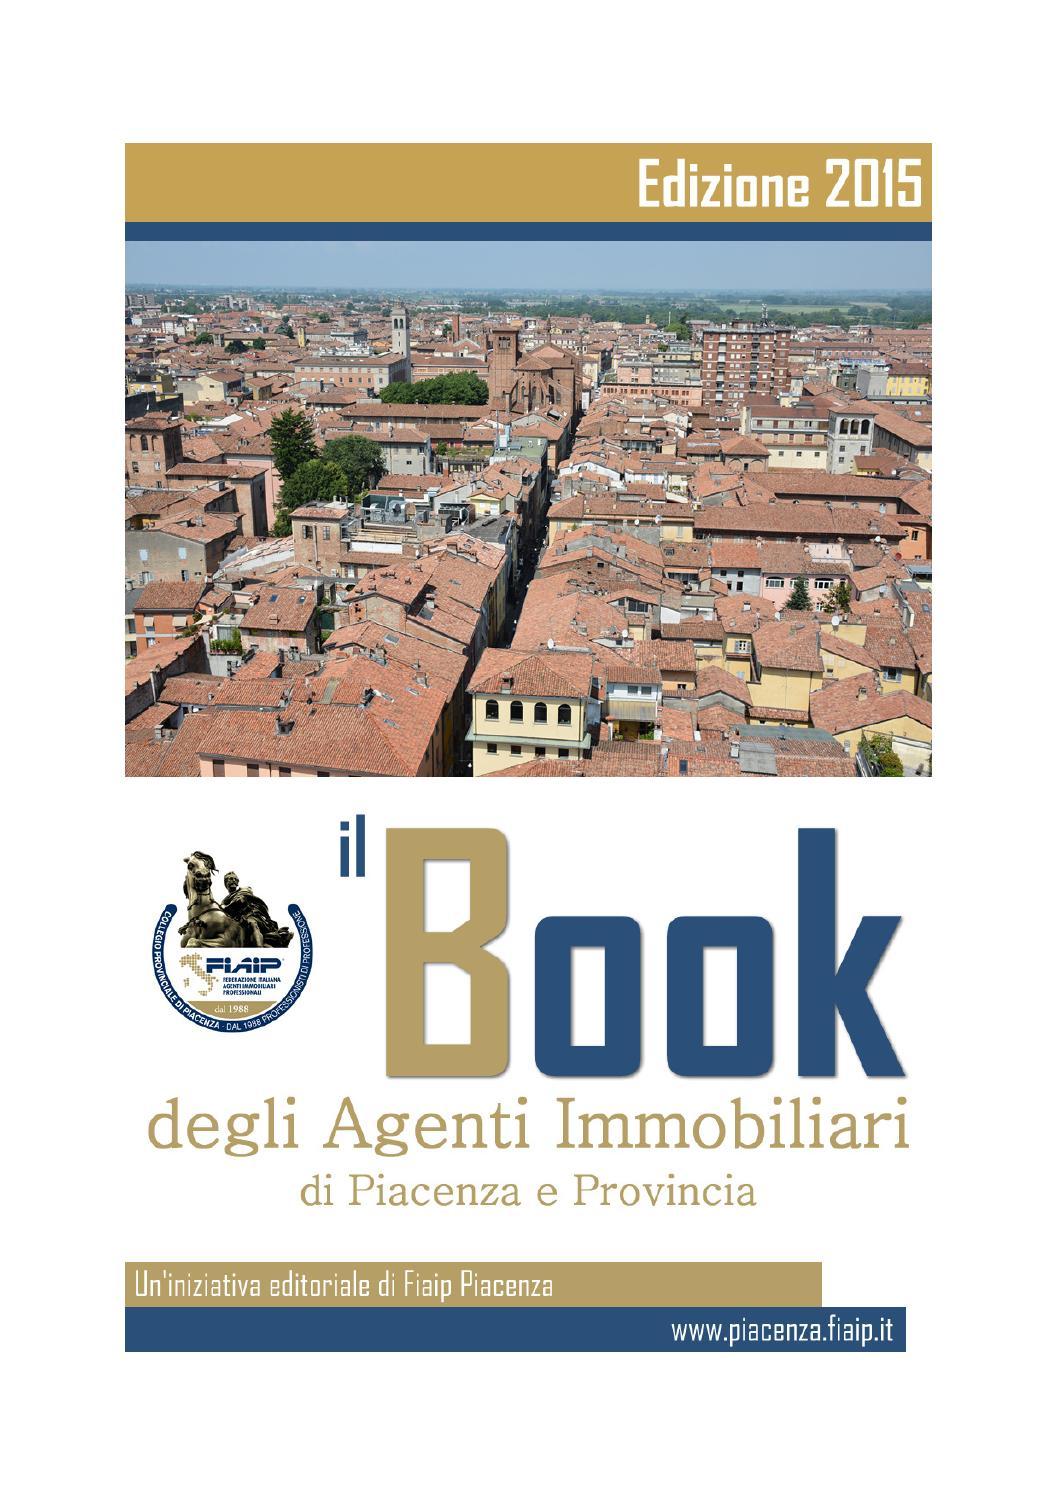 Agenti Immobiliari Trento book online degli agenti immobiliari fiaip di piacenza e